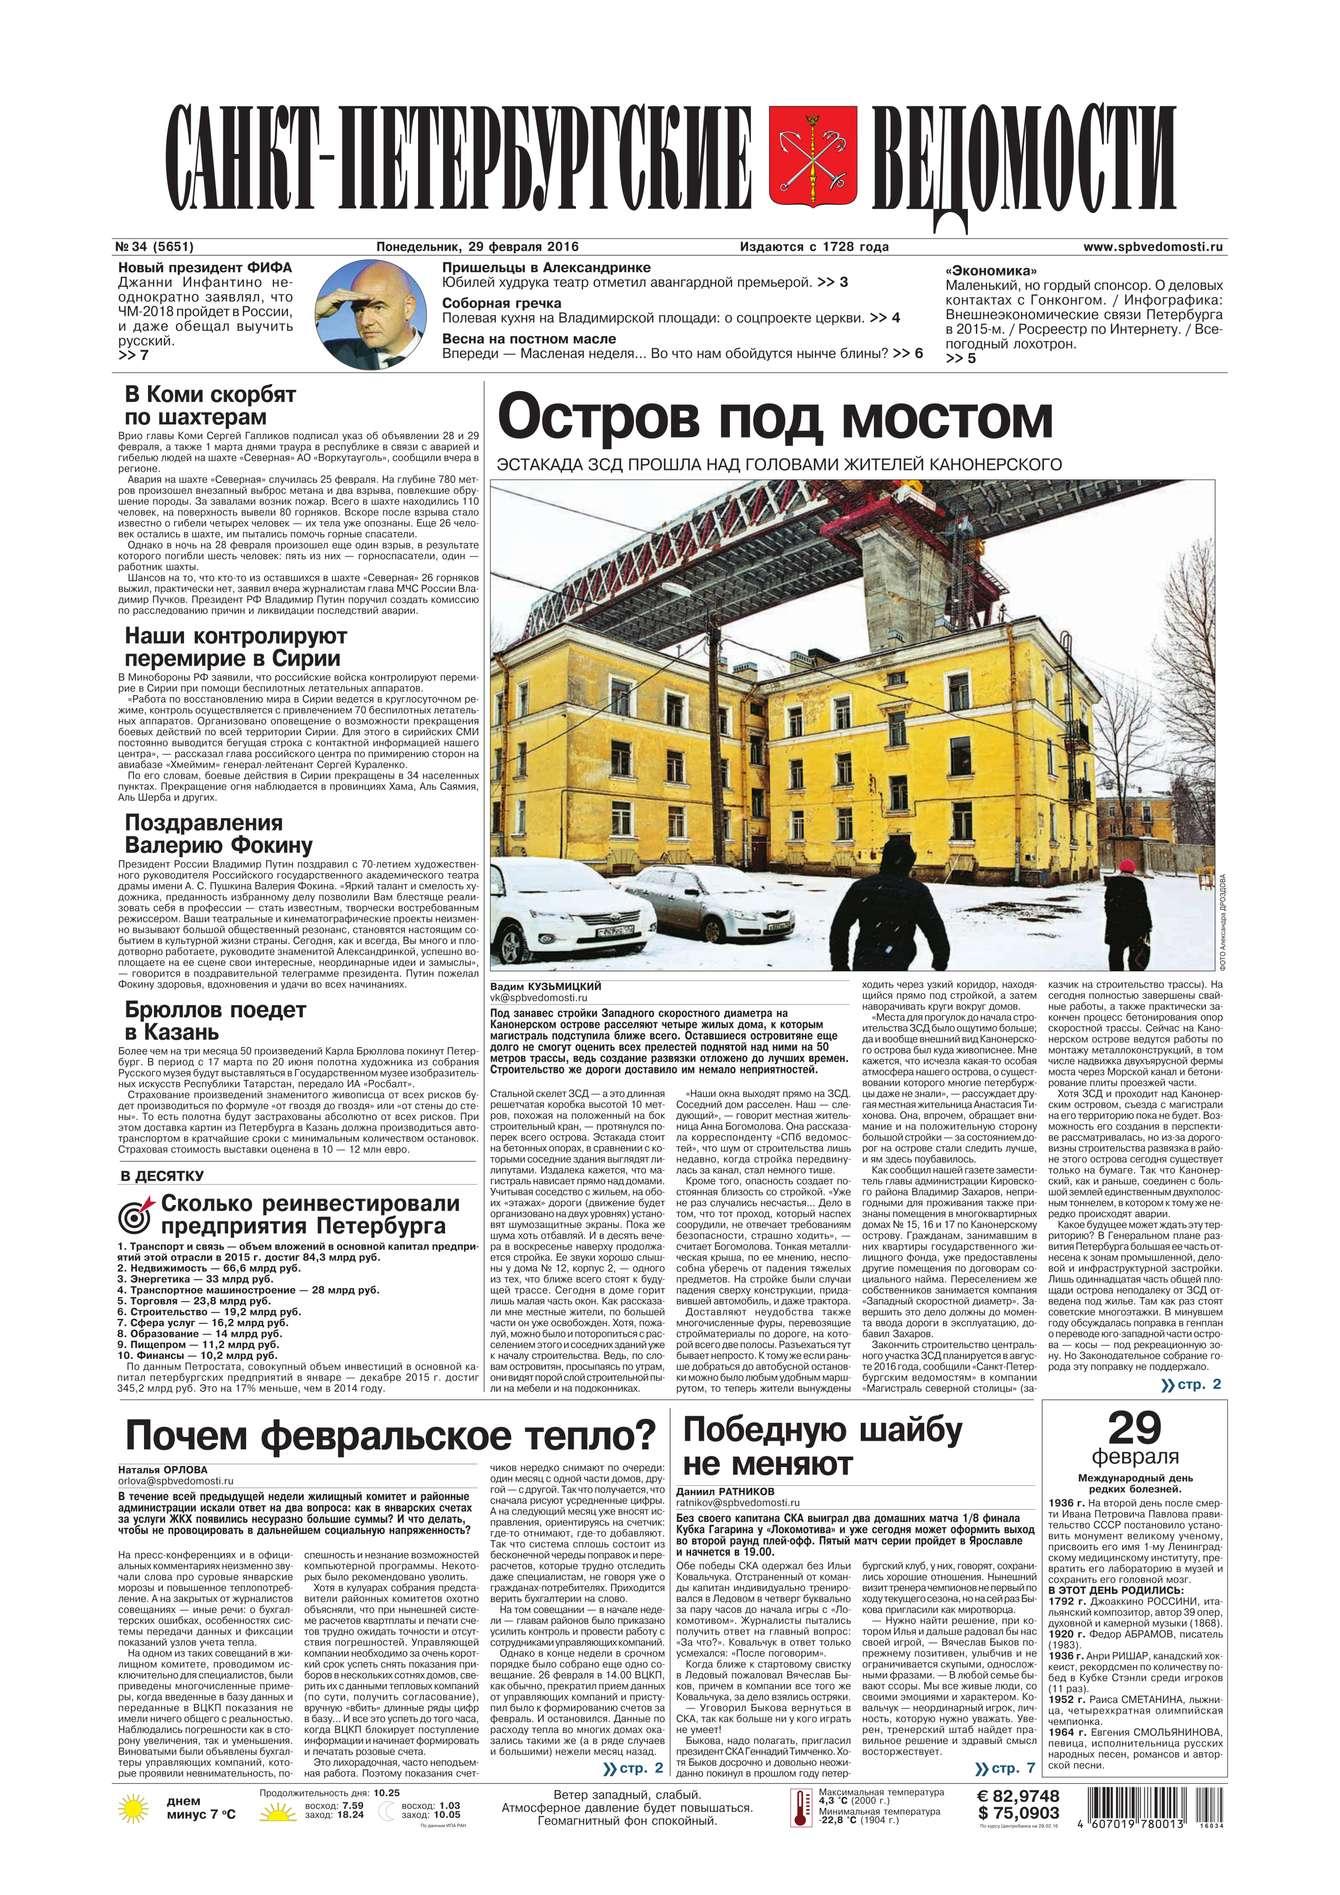 Редакция газеты Санкт-Петербургские ведомости Санкт-Петербургские ведомости 34-2016